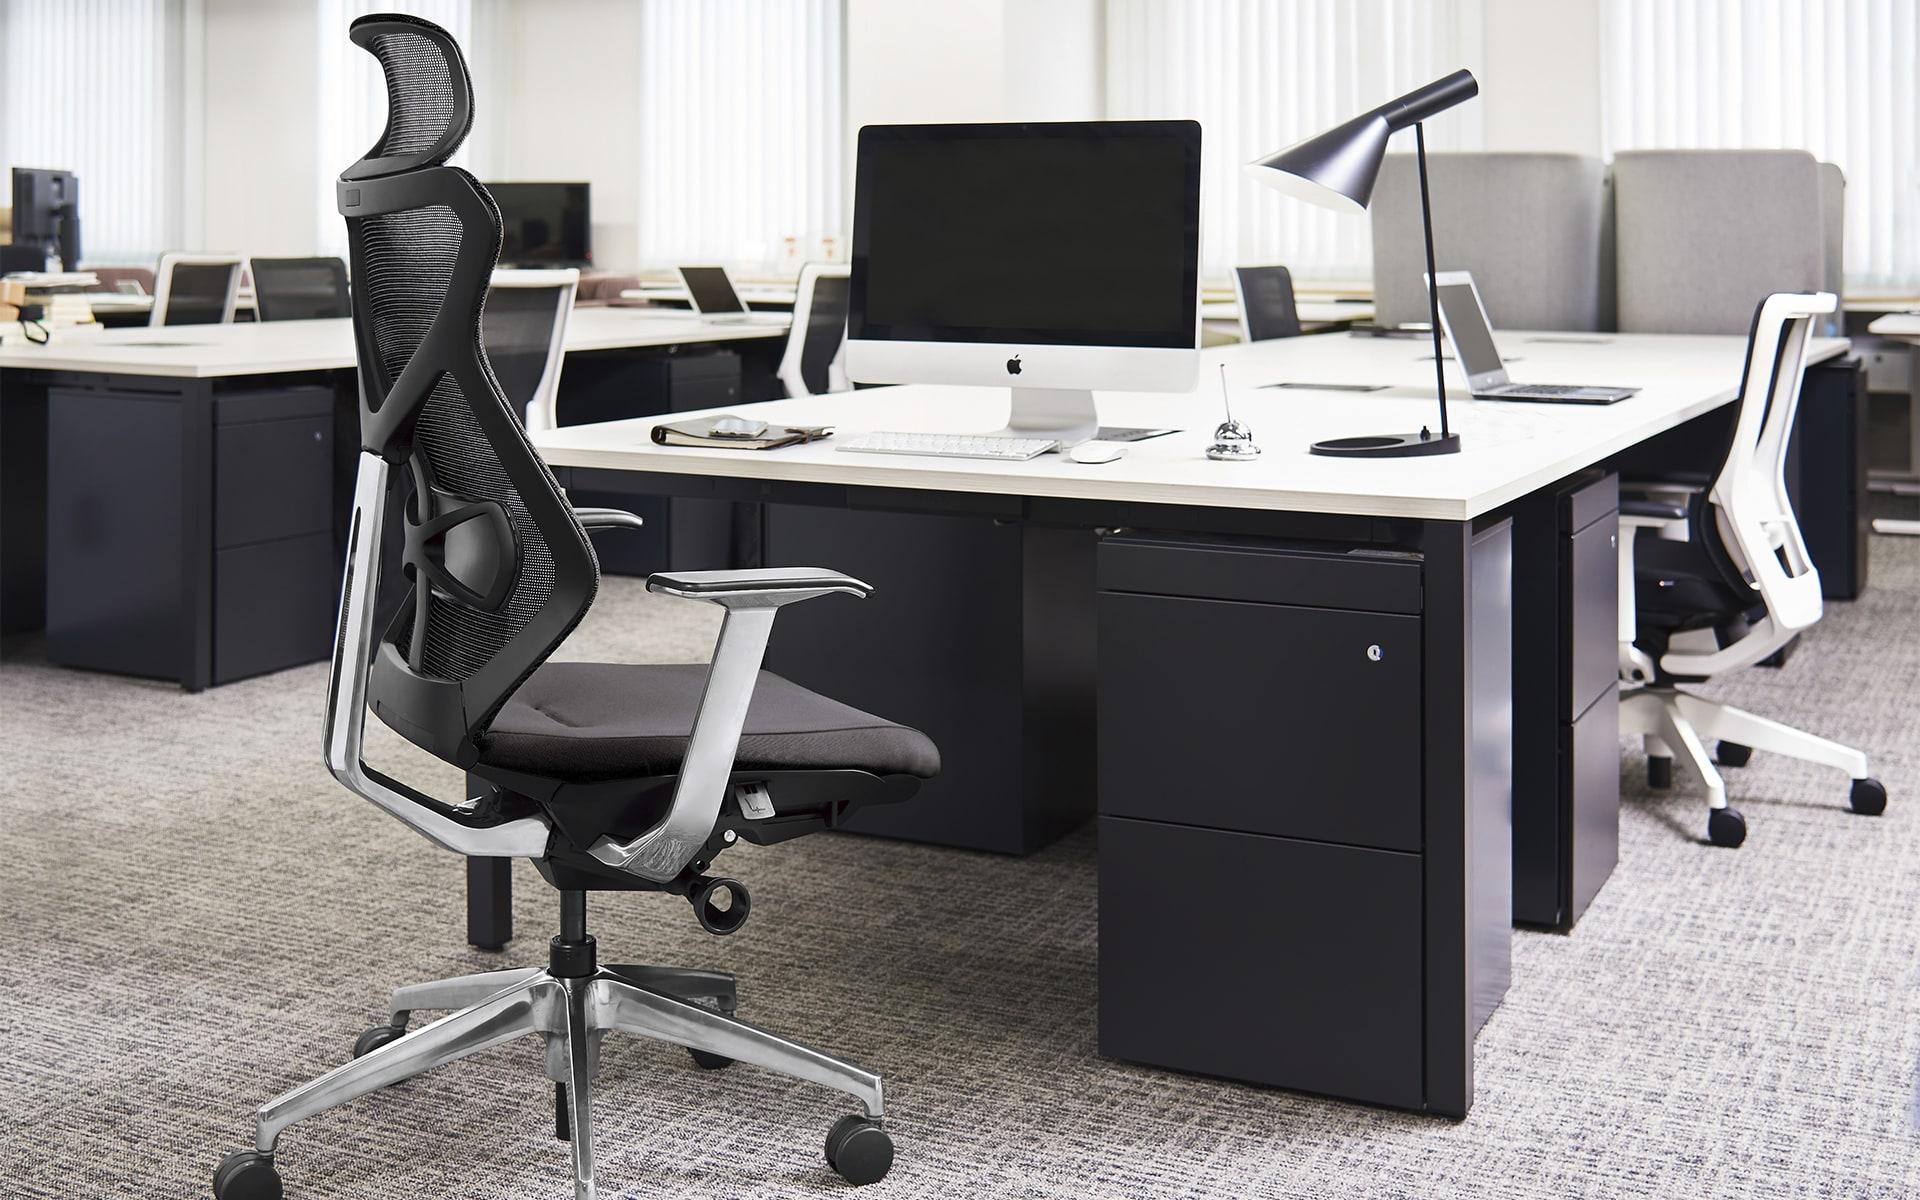 Schwarz-grauer ITOKI Sequa Bürostuhl von ITO Design in schwarz-weißem Büro